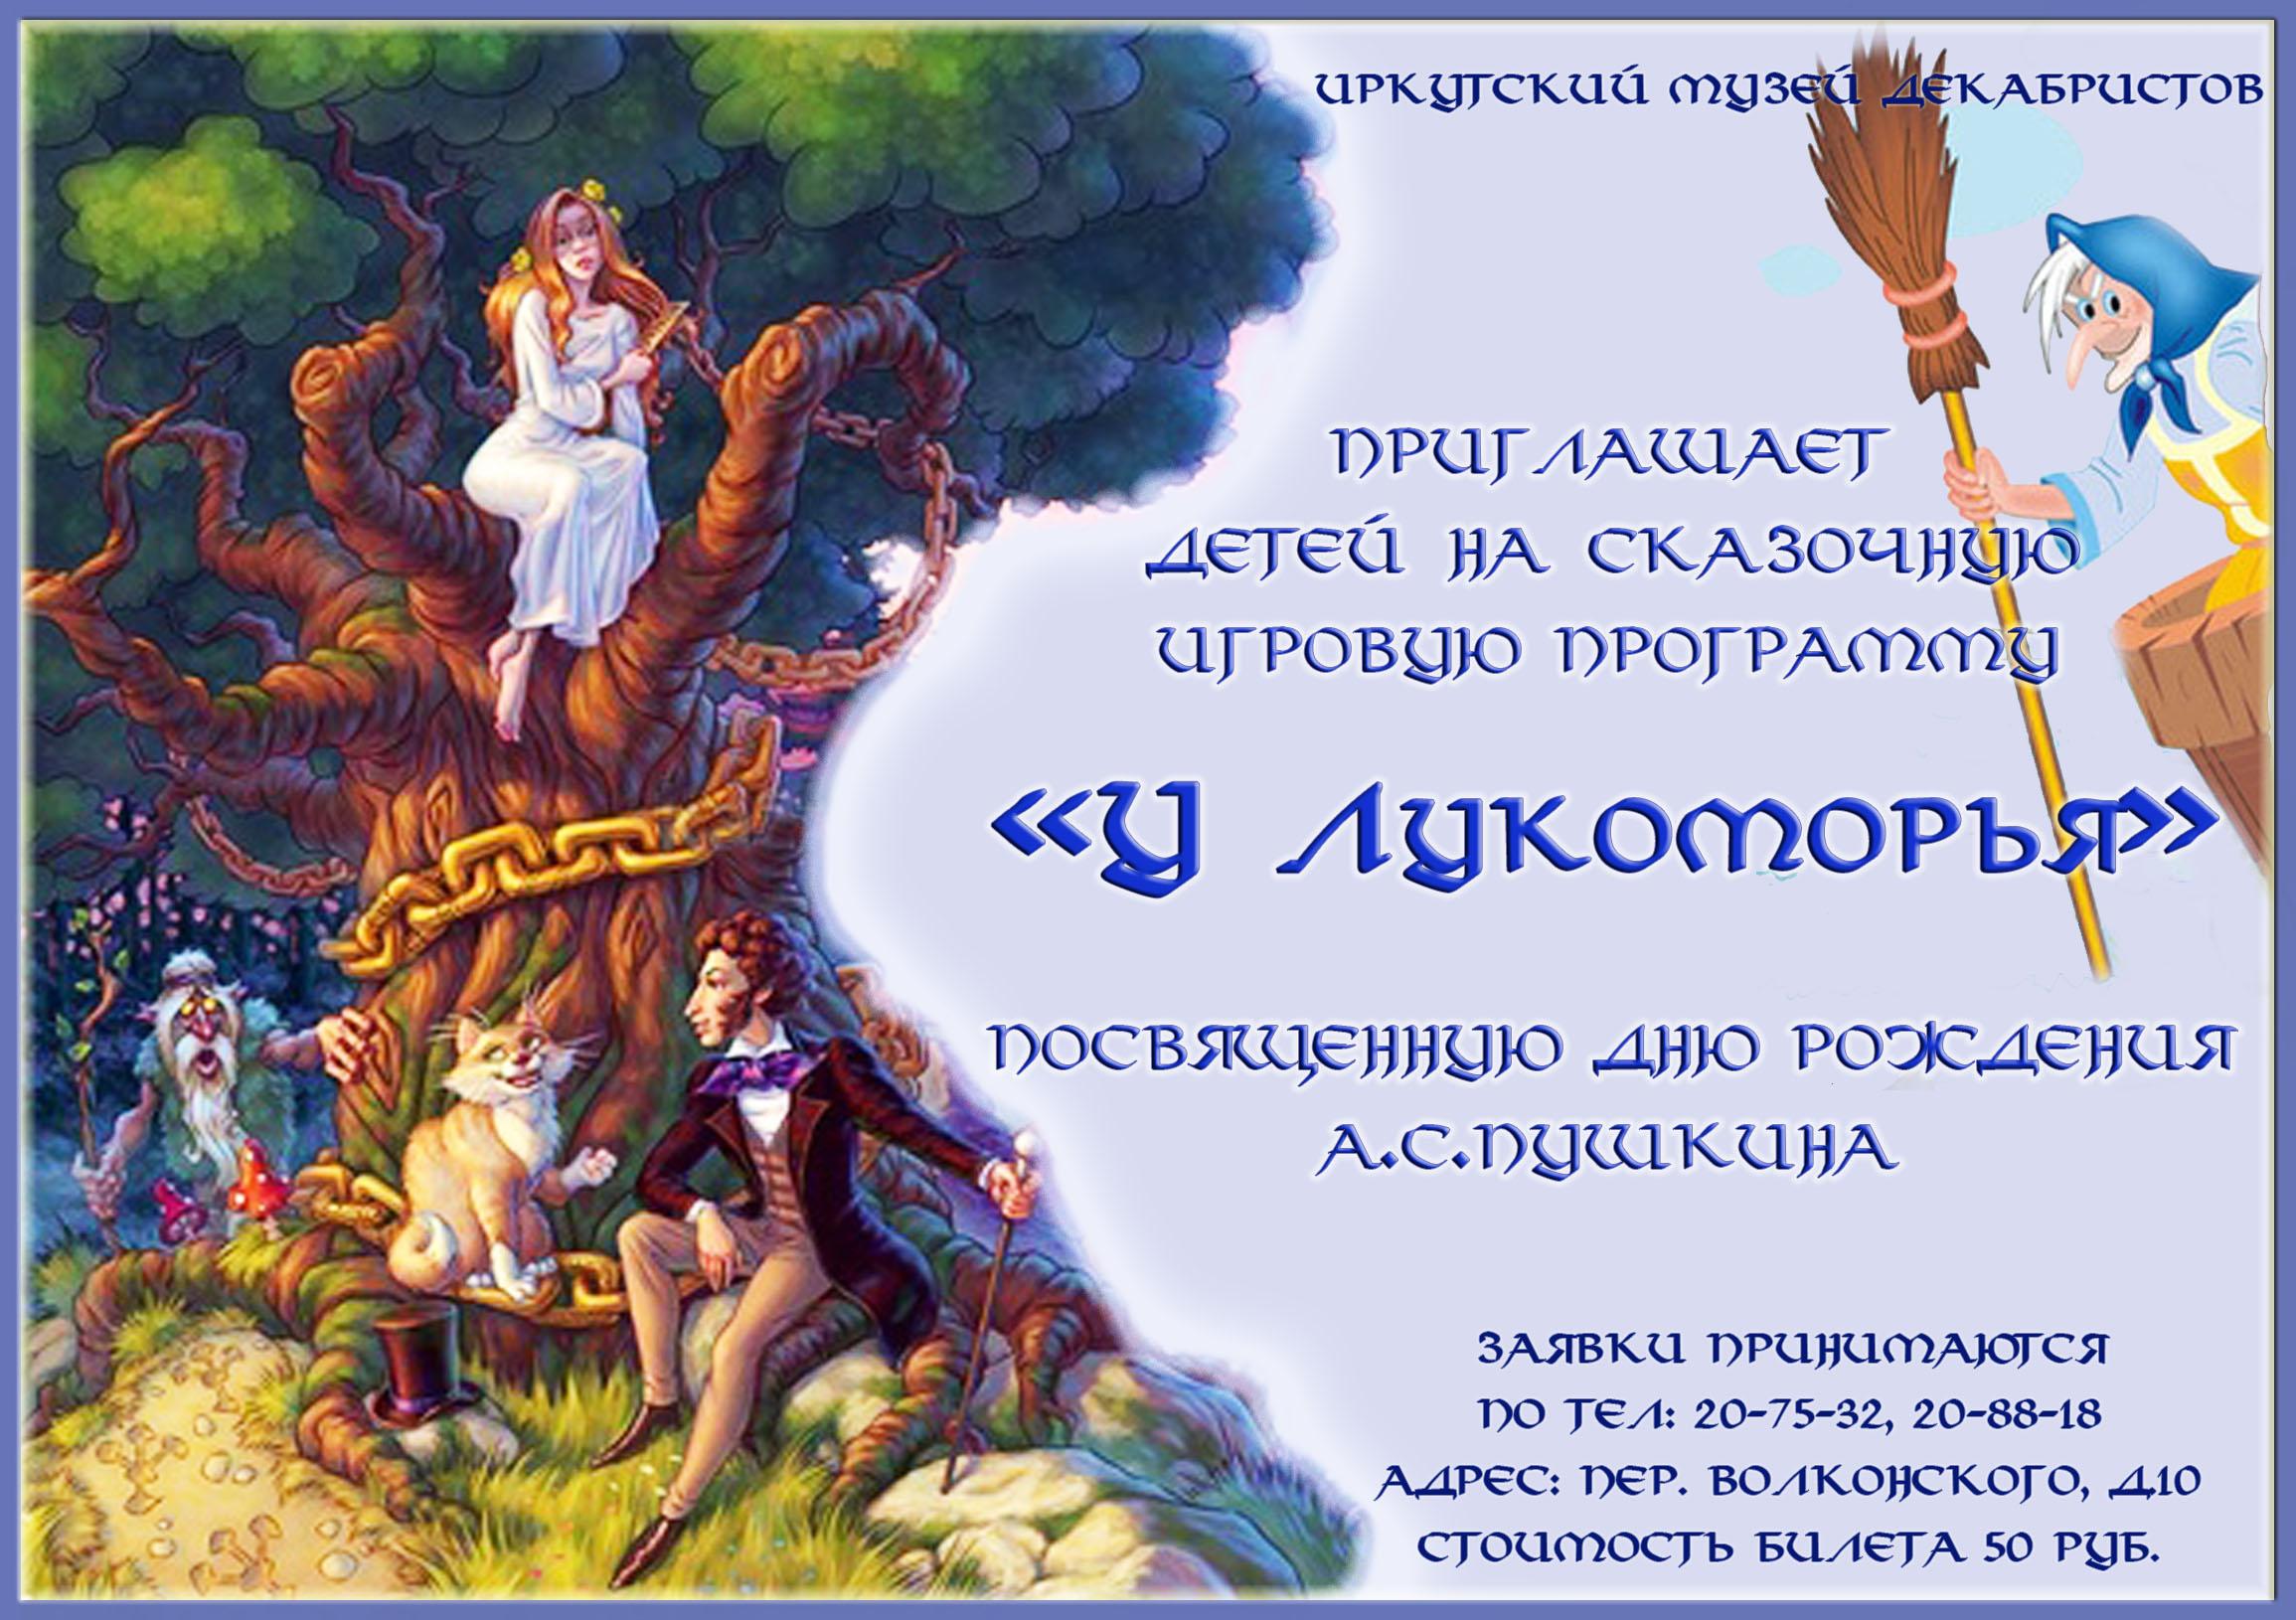 Сценарий дня рождения по сказкам пушкина